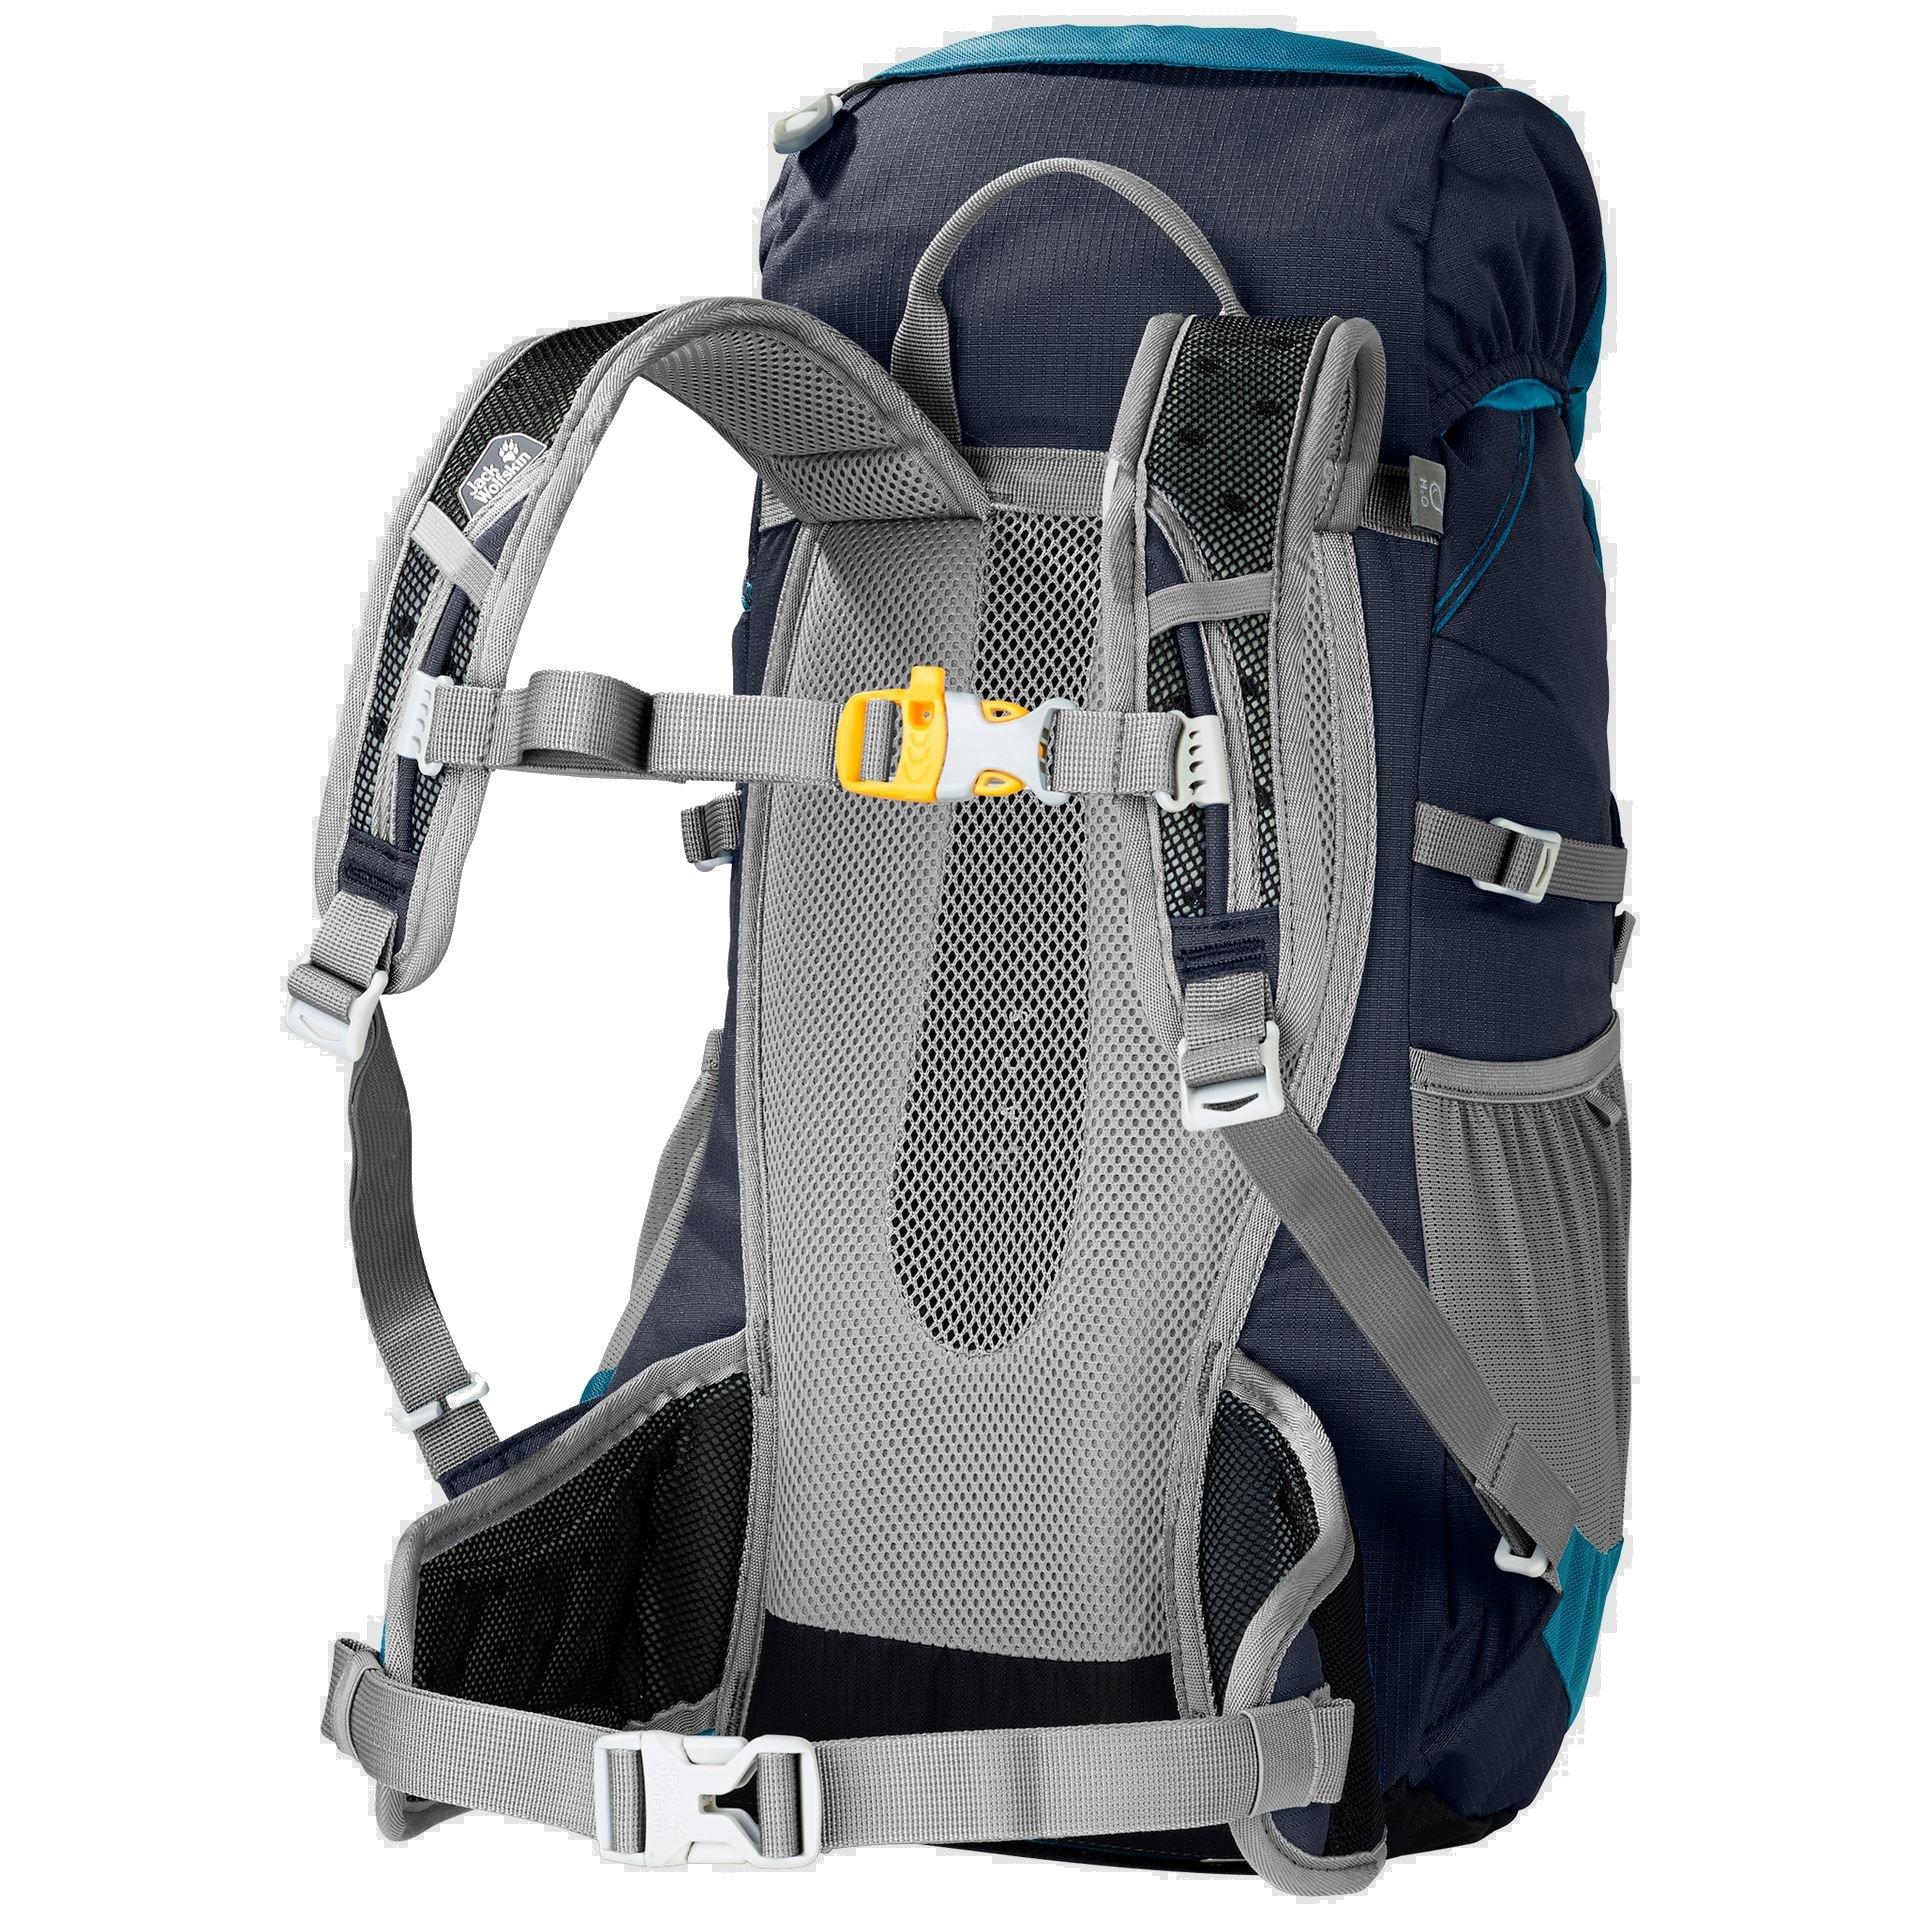 4b5174933ae1d Plecak KIDS ALPINE TRAIL  Plecak KIDS ALPINE TRAIL